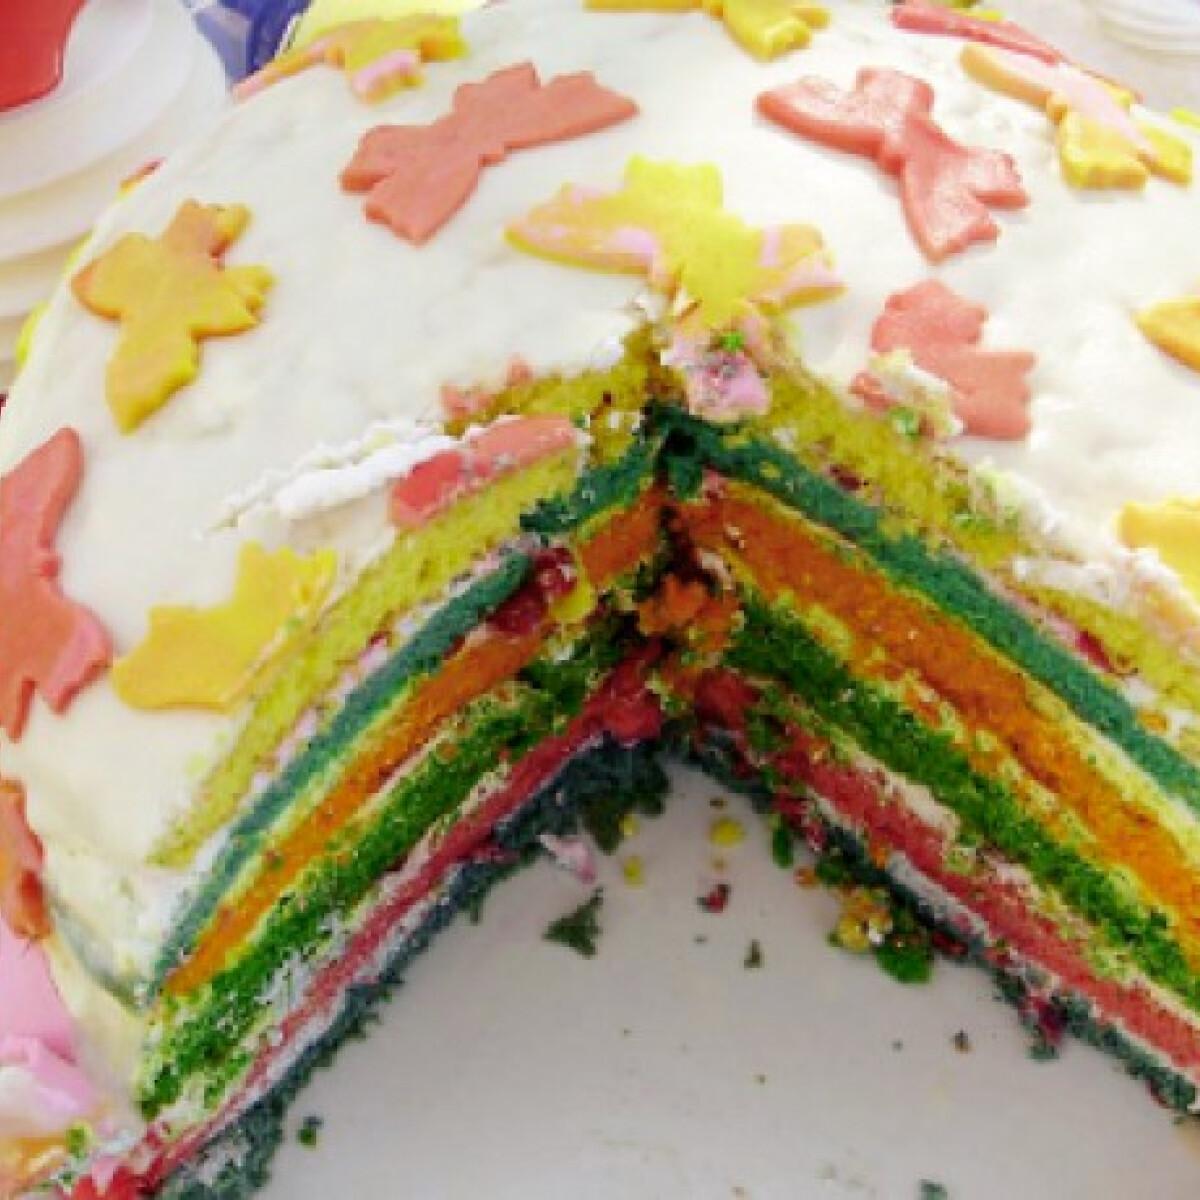 Ezen a képen: Színes torta pillangókkal